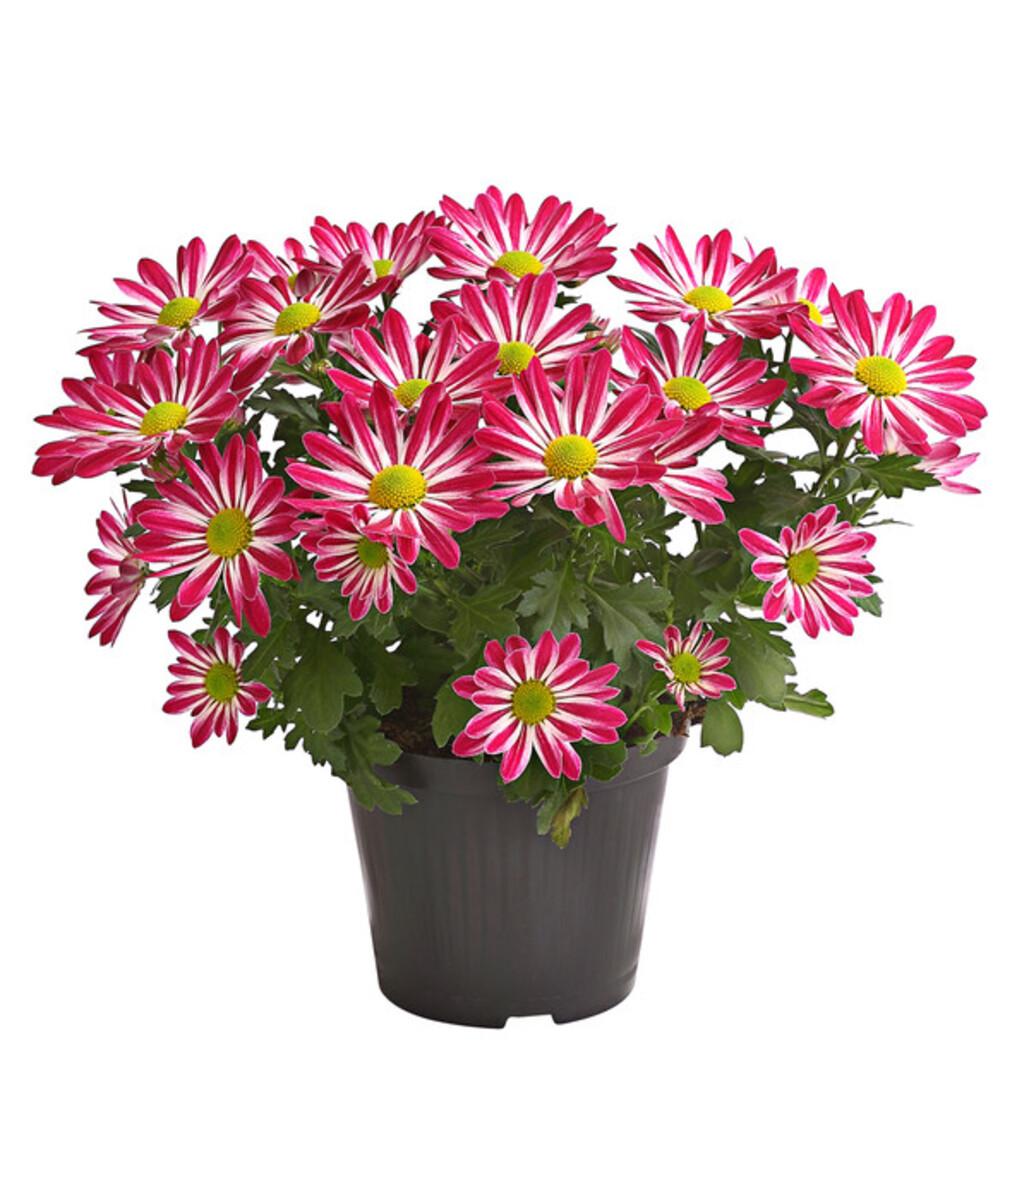 Bild 1 von Chrysantheme 'Rainbow Candy'